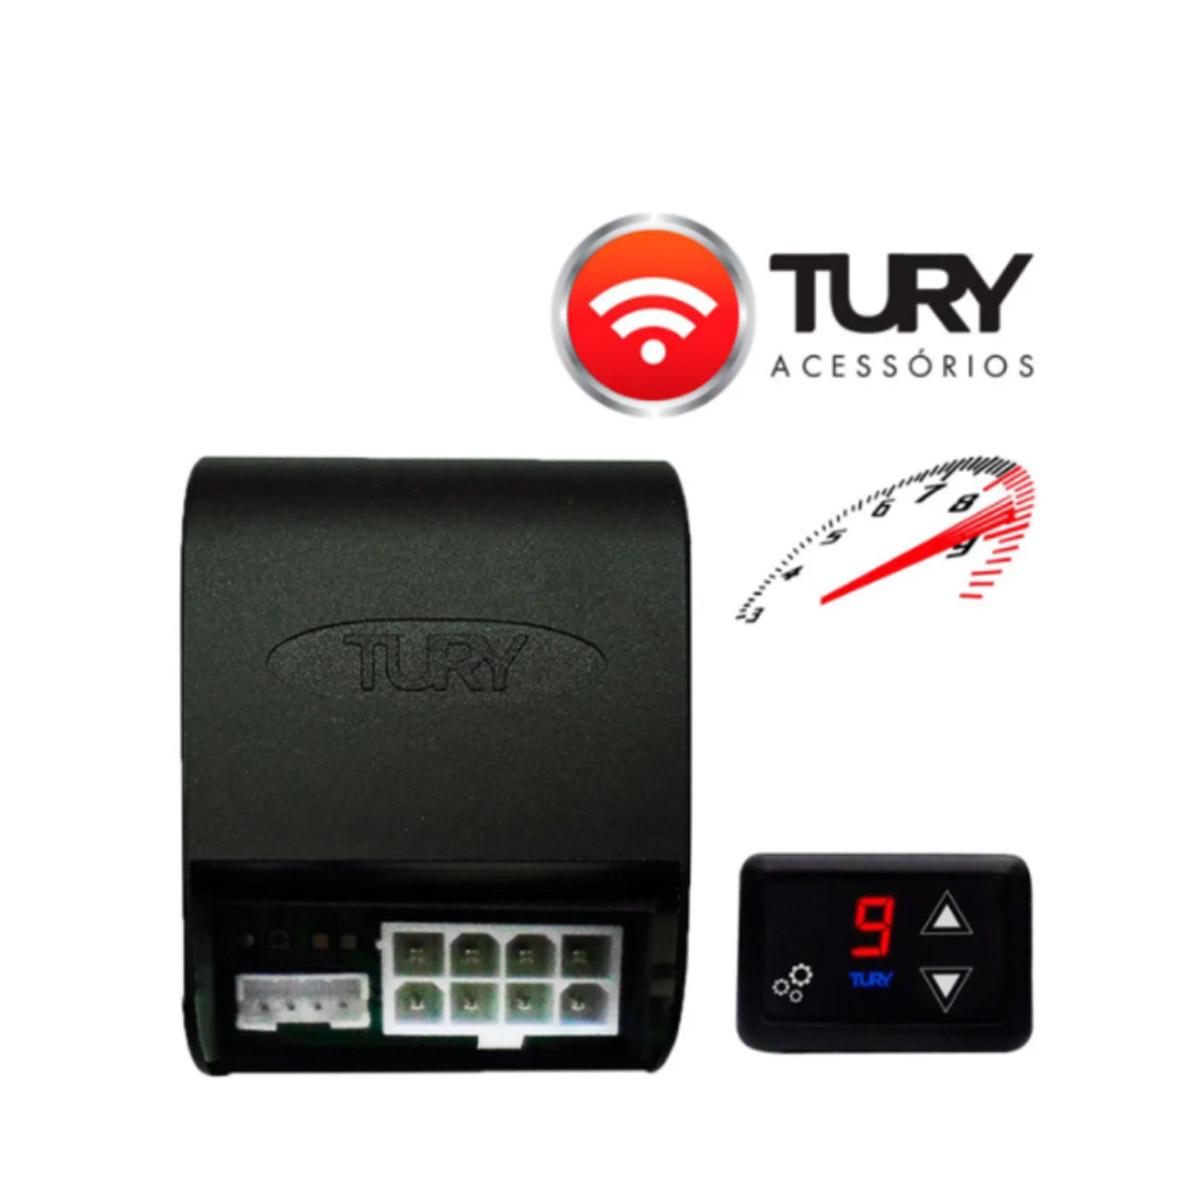 Chip Acelerador Eletrônico com Bluetooth Pedal Delay Tury Fast FAST2.0Z